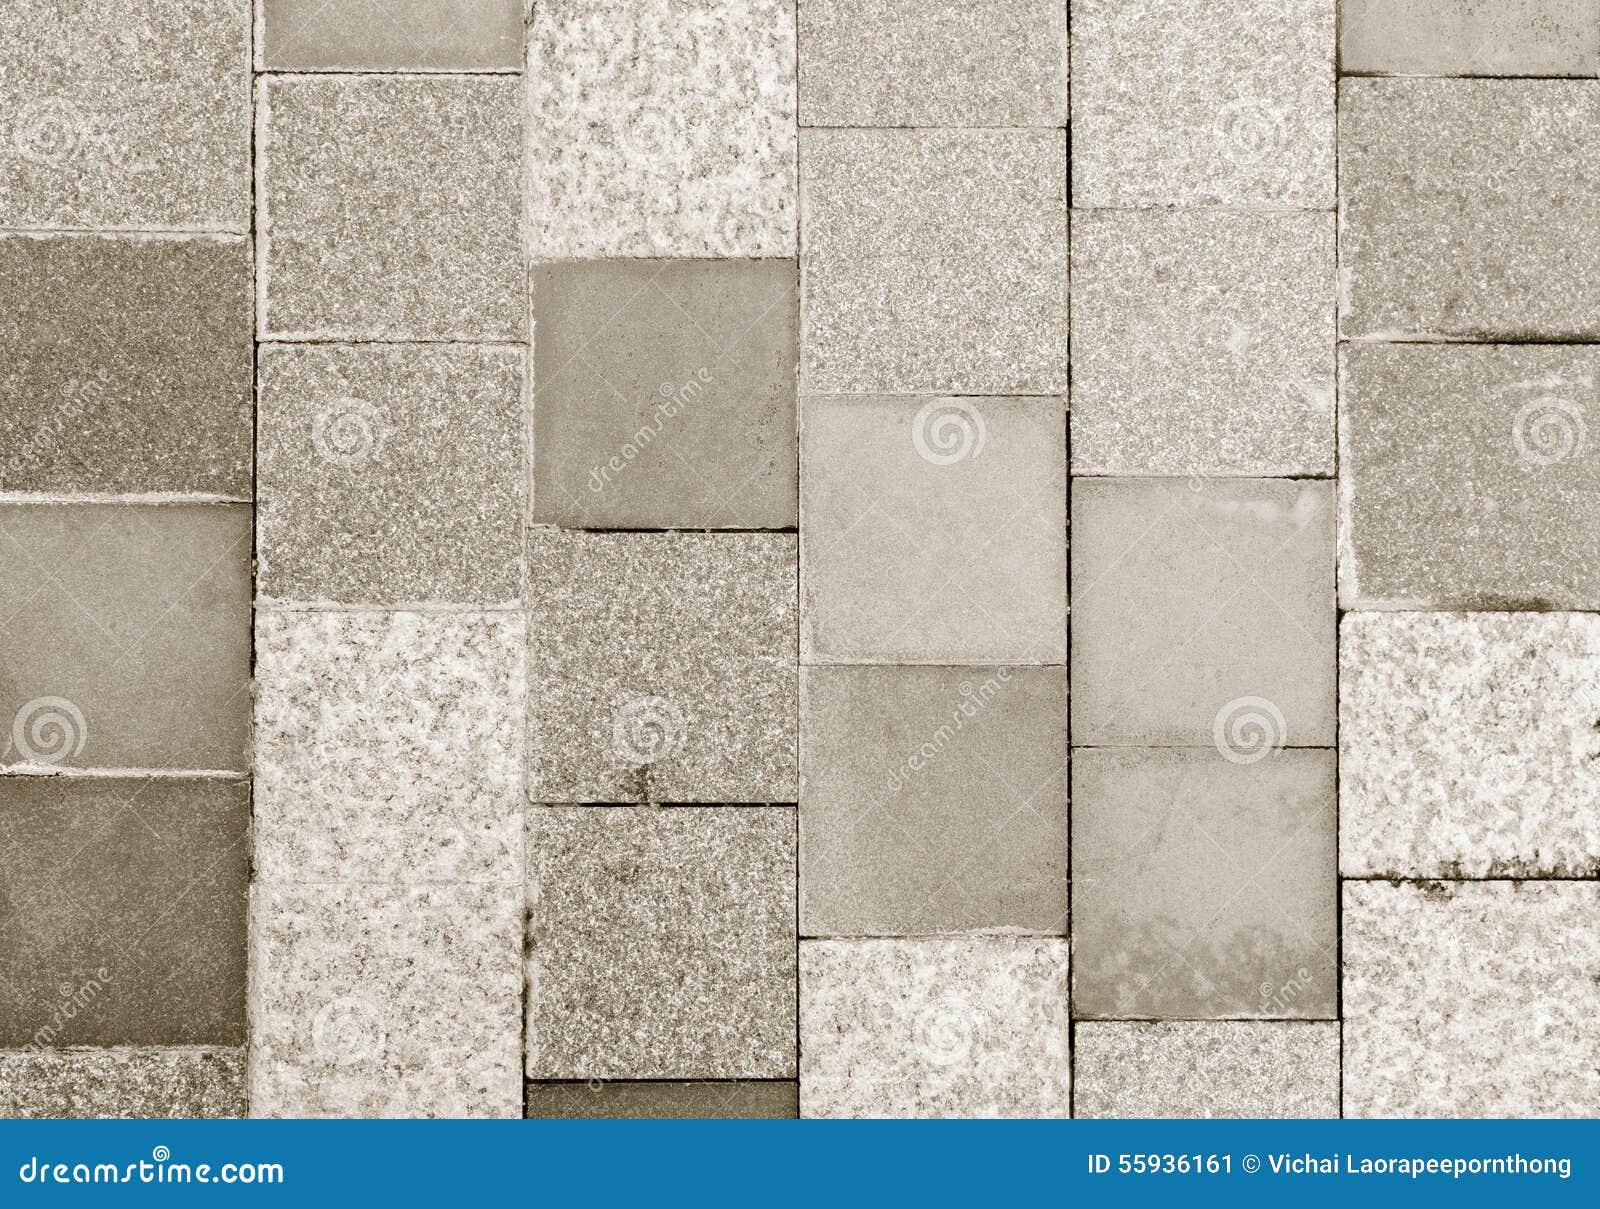 White Marble Tiles Texture